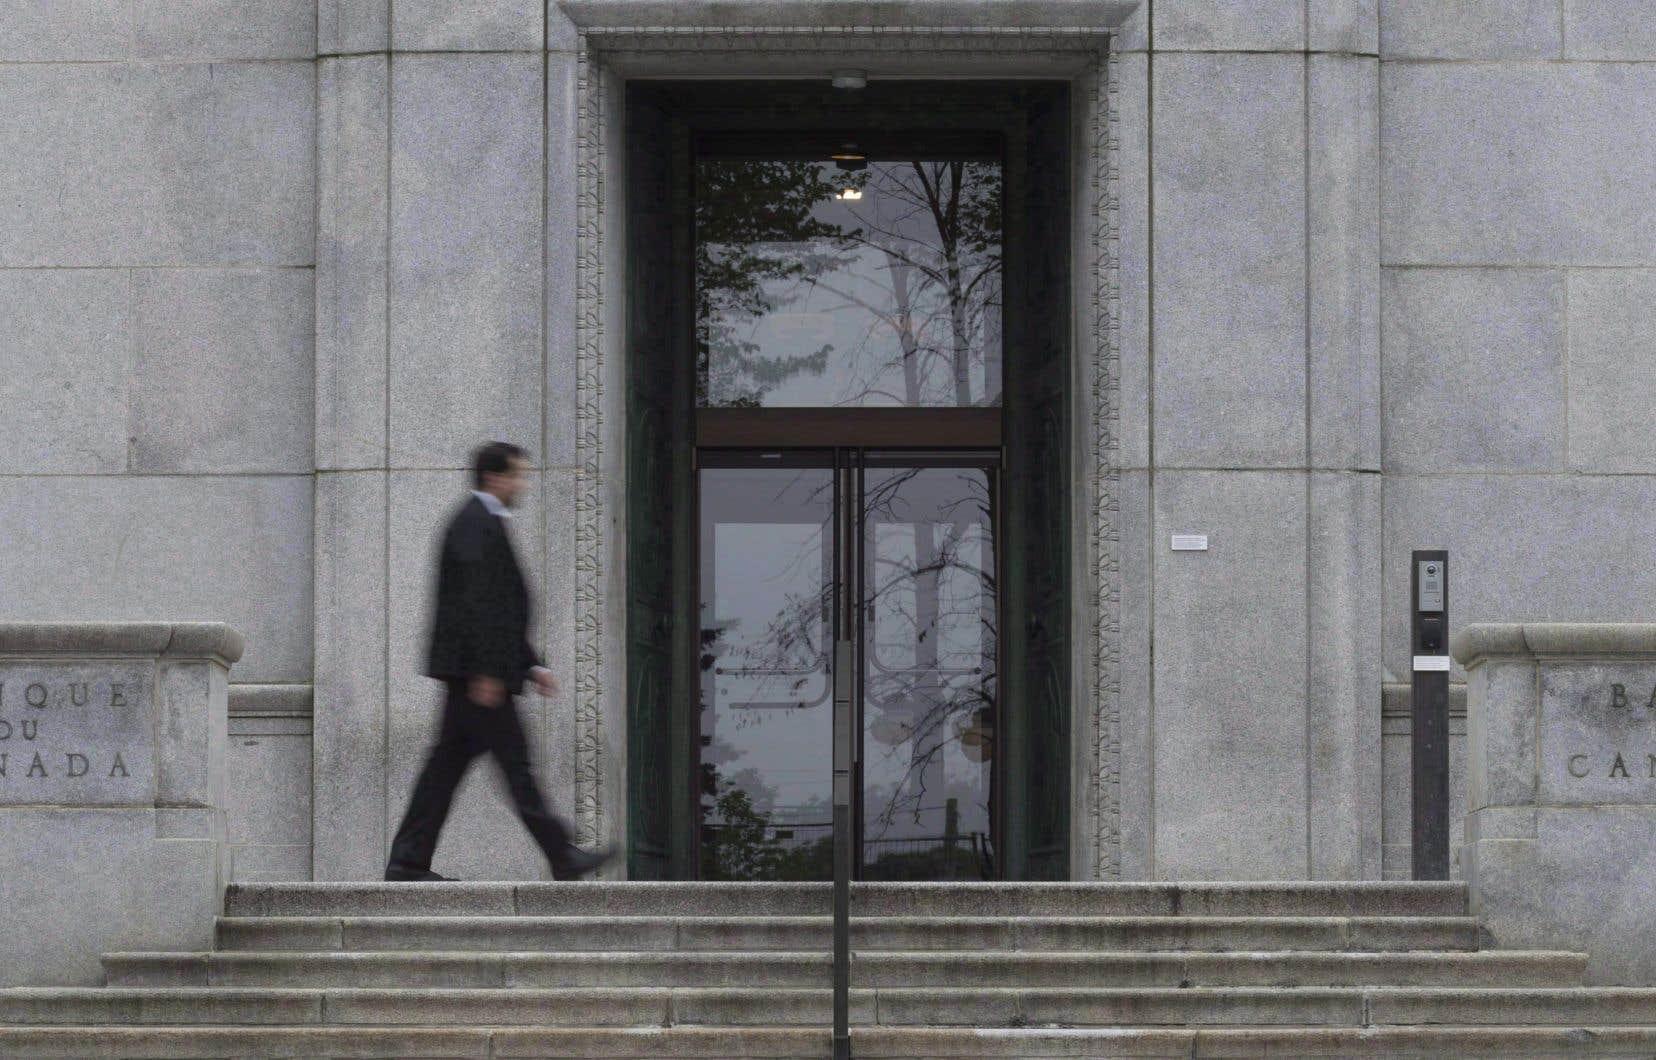 La Banque du Canada évoque le risque que les entreprises réagissent «à l'accroissement de la demande extérieure en investissant à l'étranger au lieu d'investir au Canada et d'exporter leur production».